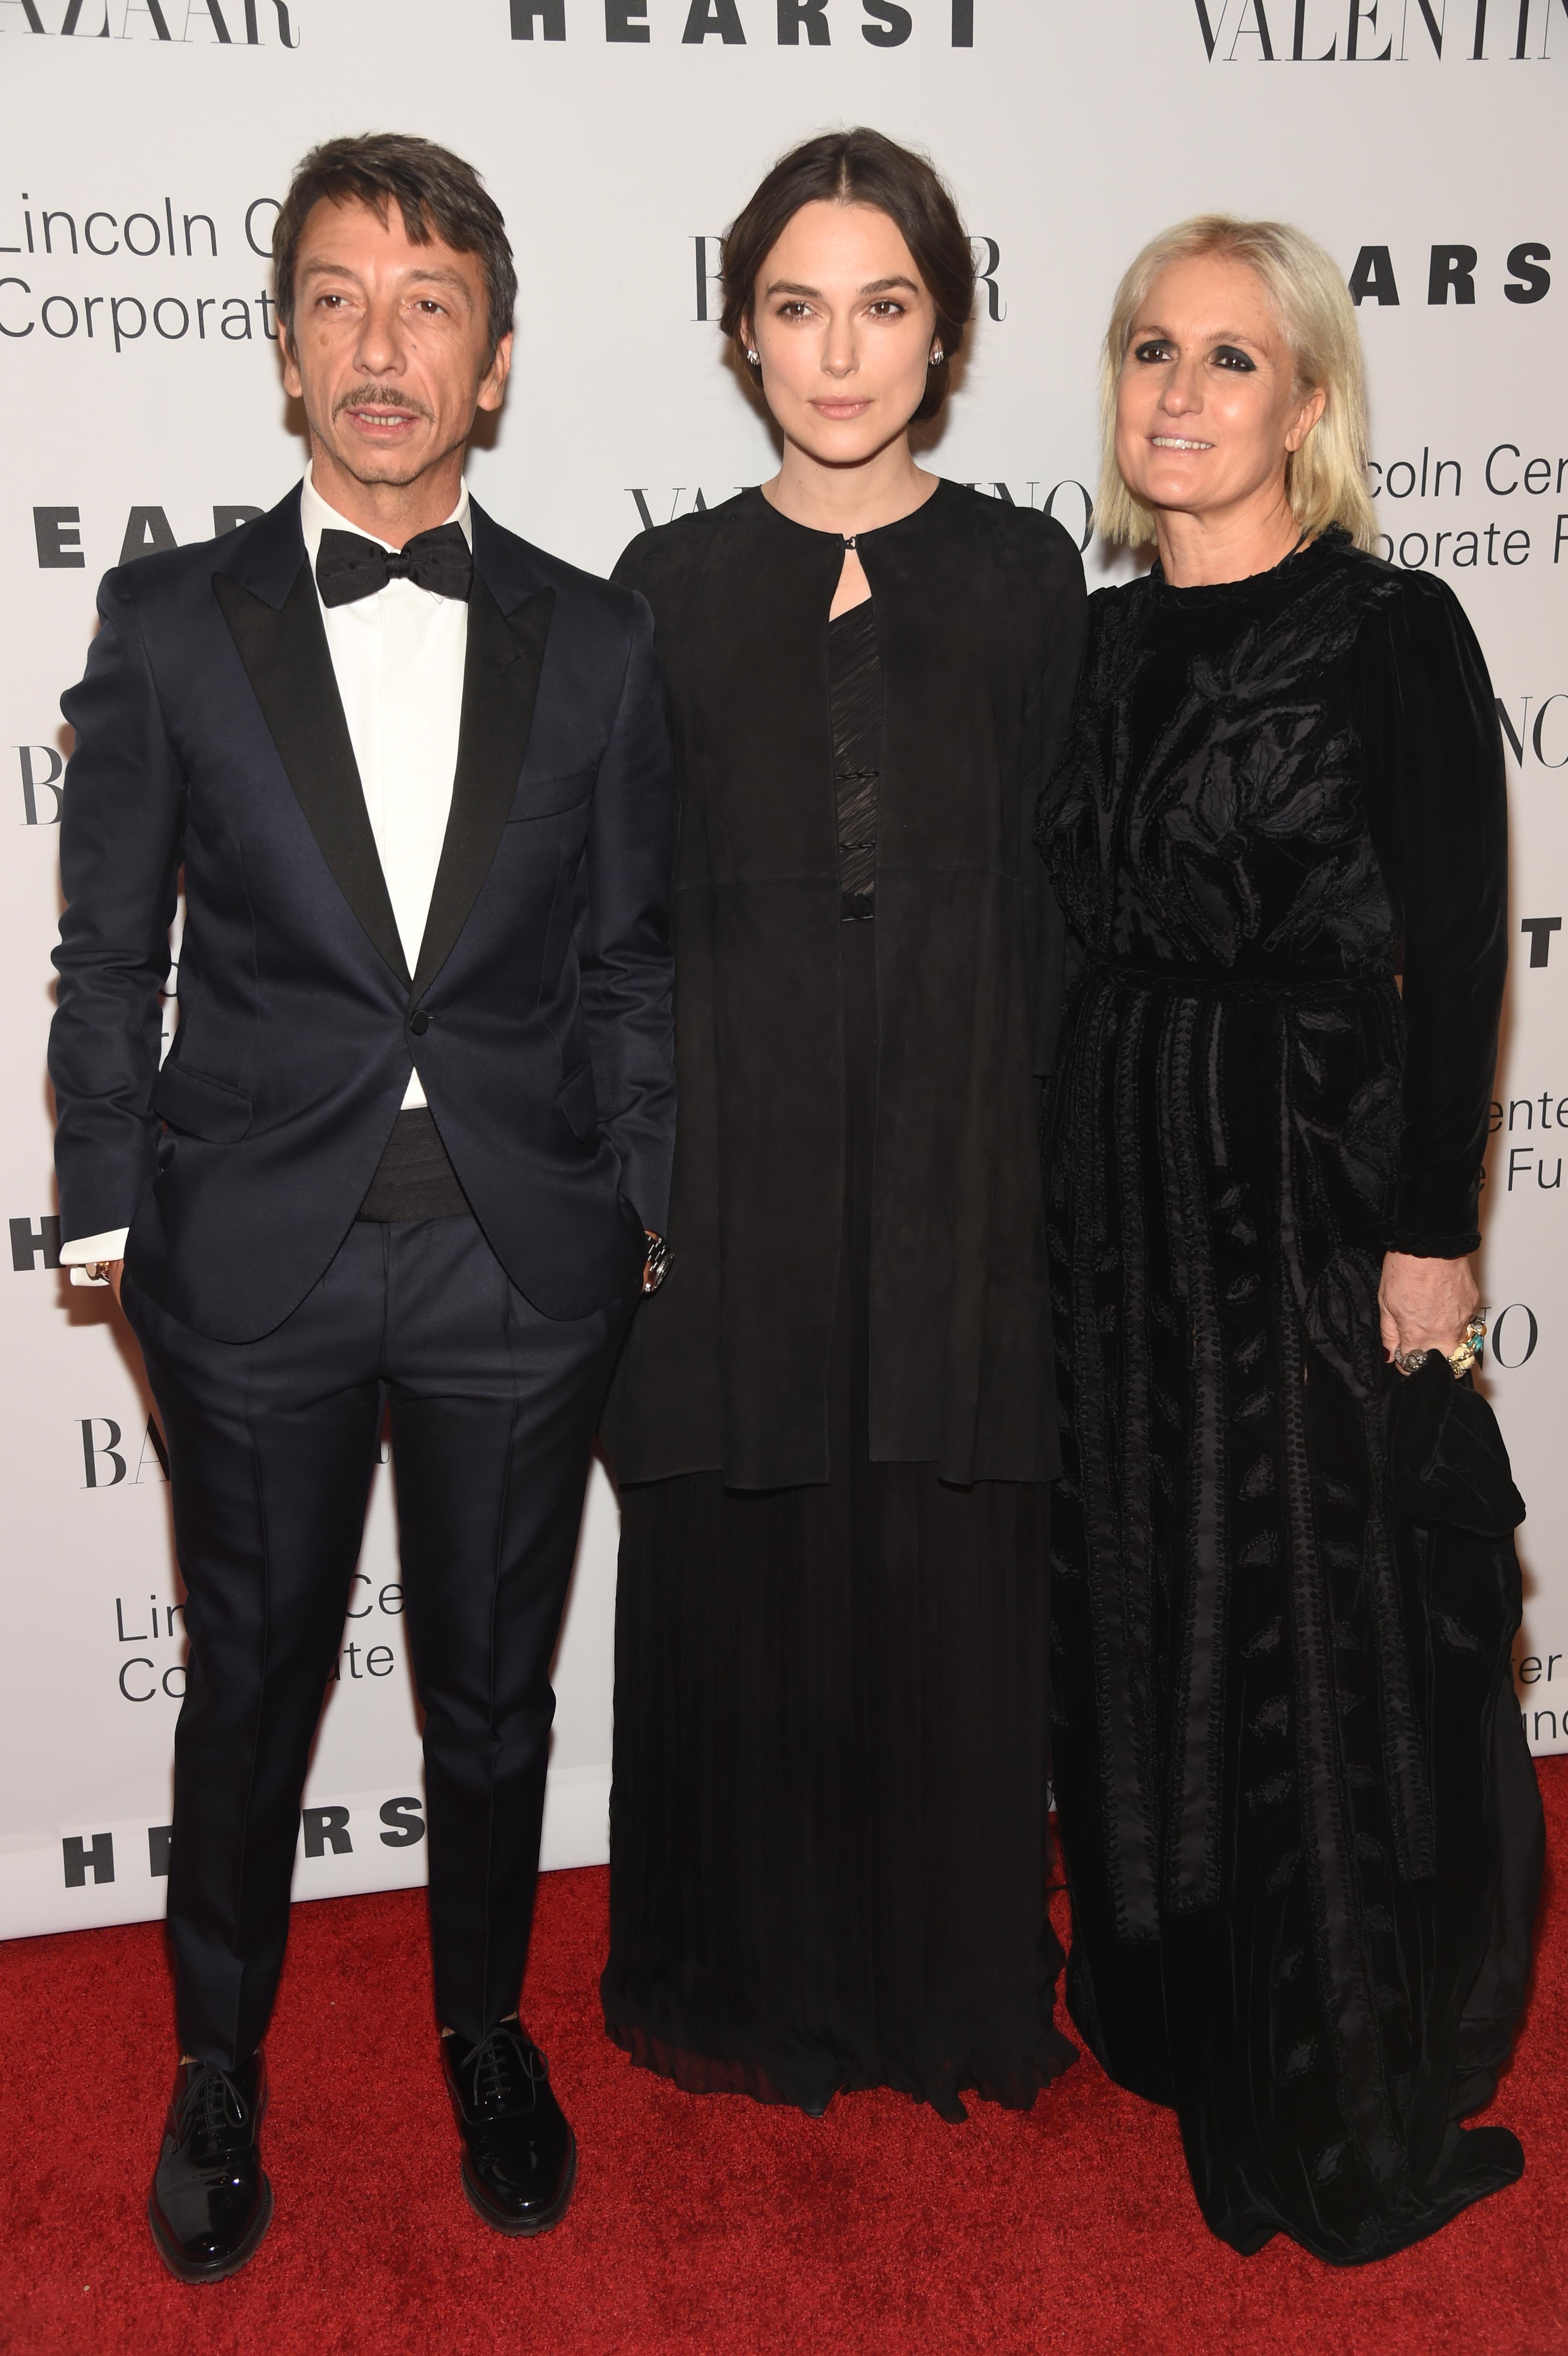 Pierpaolo Piccioli, Keira Knightley and Maria Grazia Chiuri.